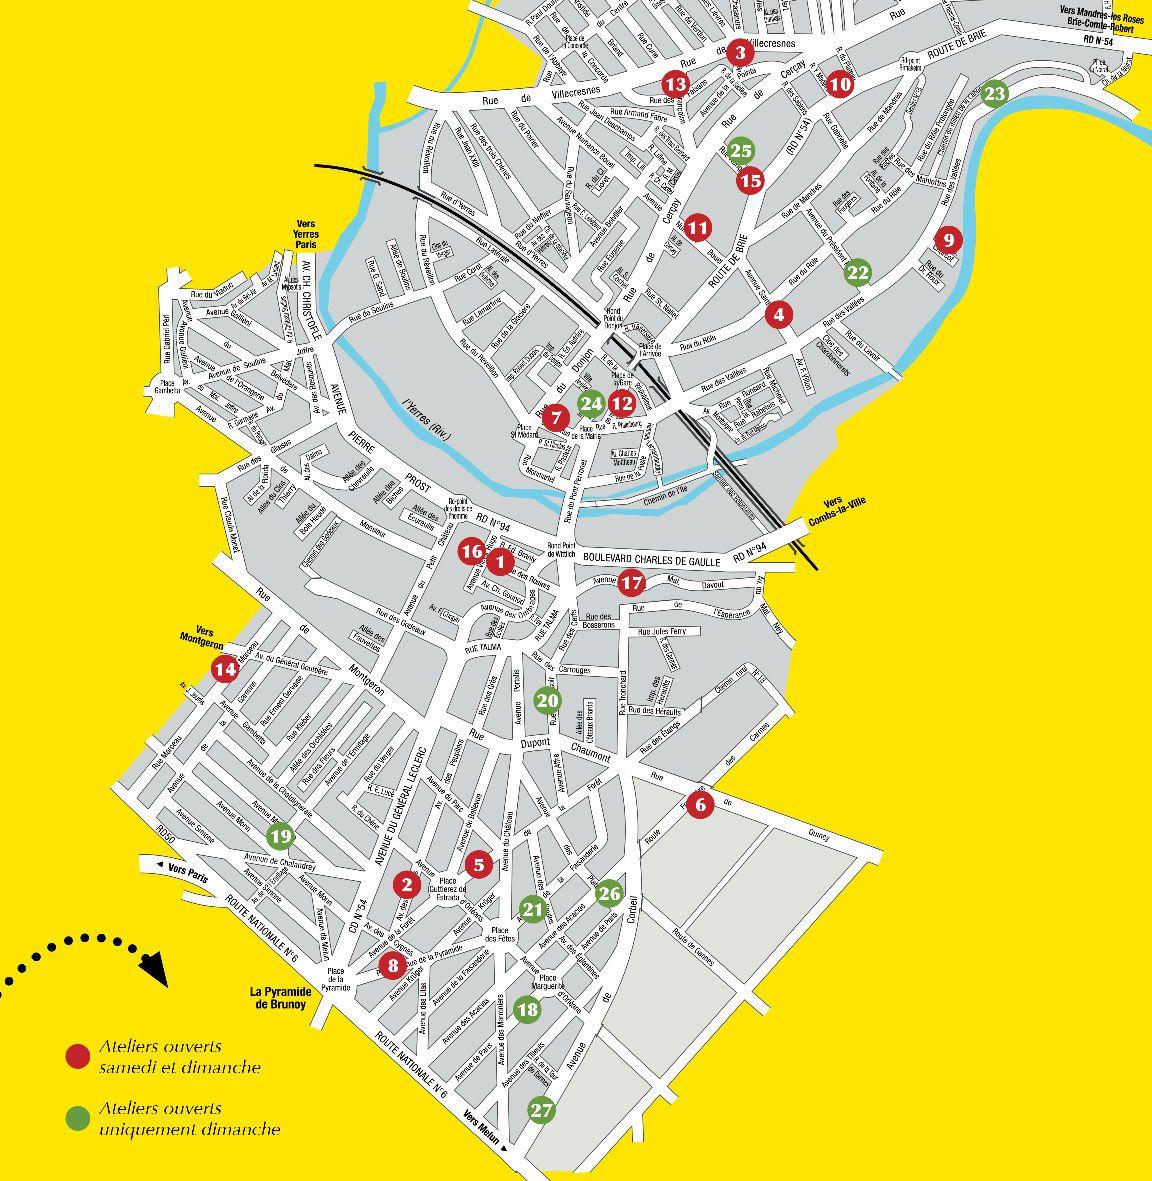 Journées Portes Ouvertes des Ateliers d'Artistes de la ville de Brunoy